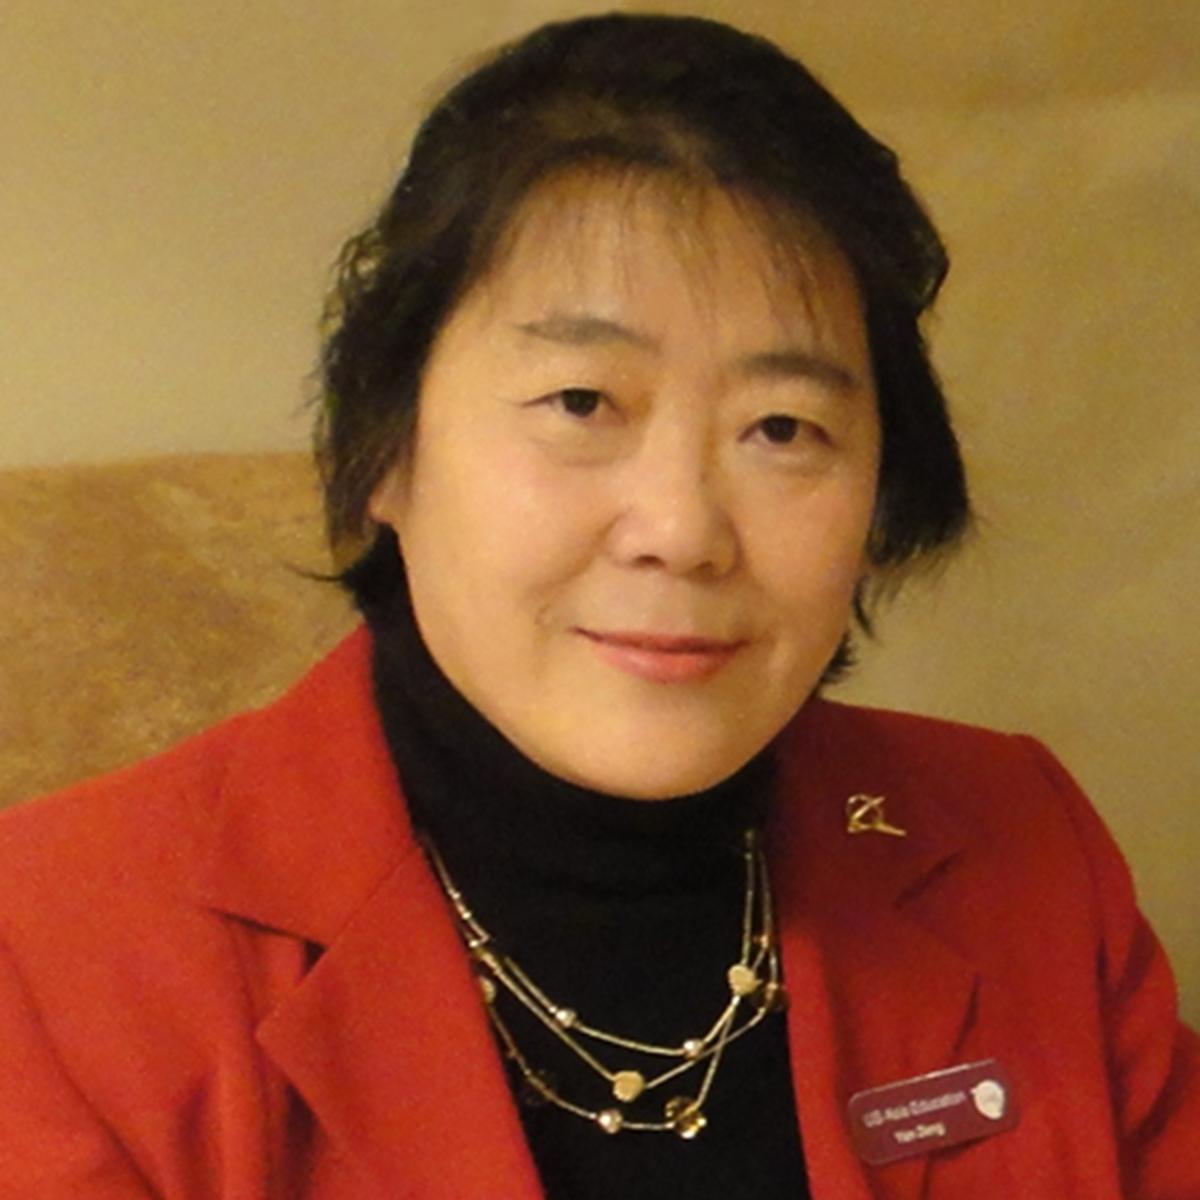 Yan Zeng